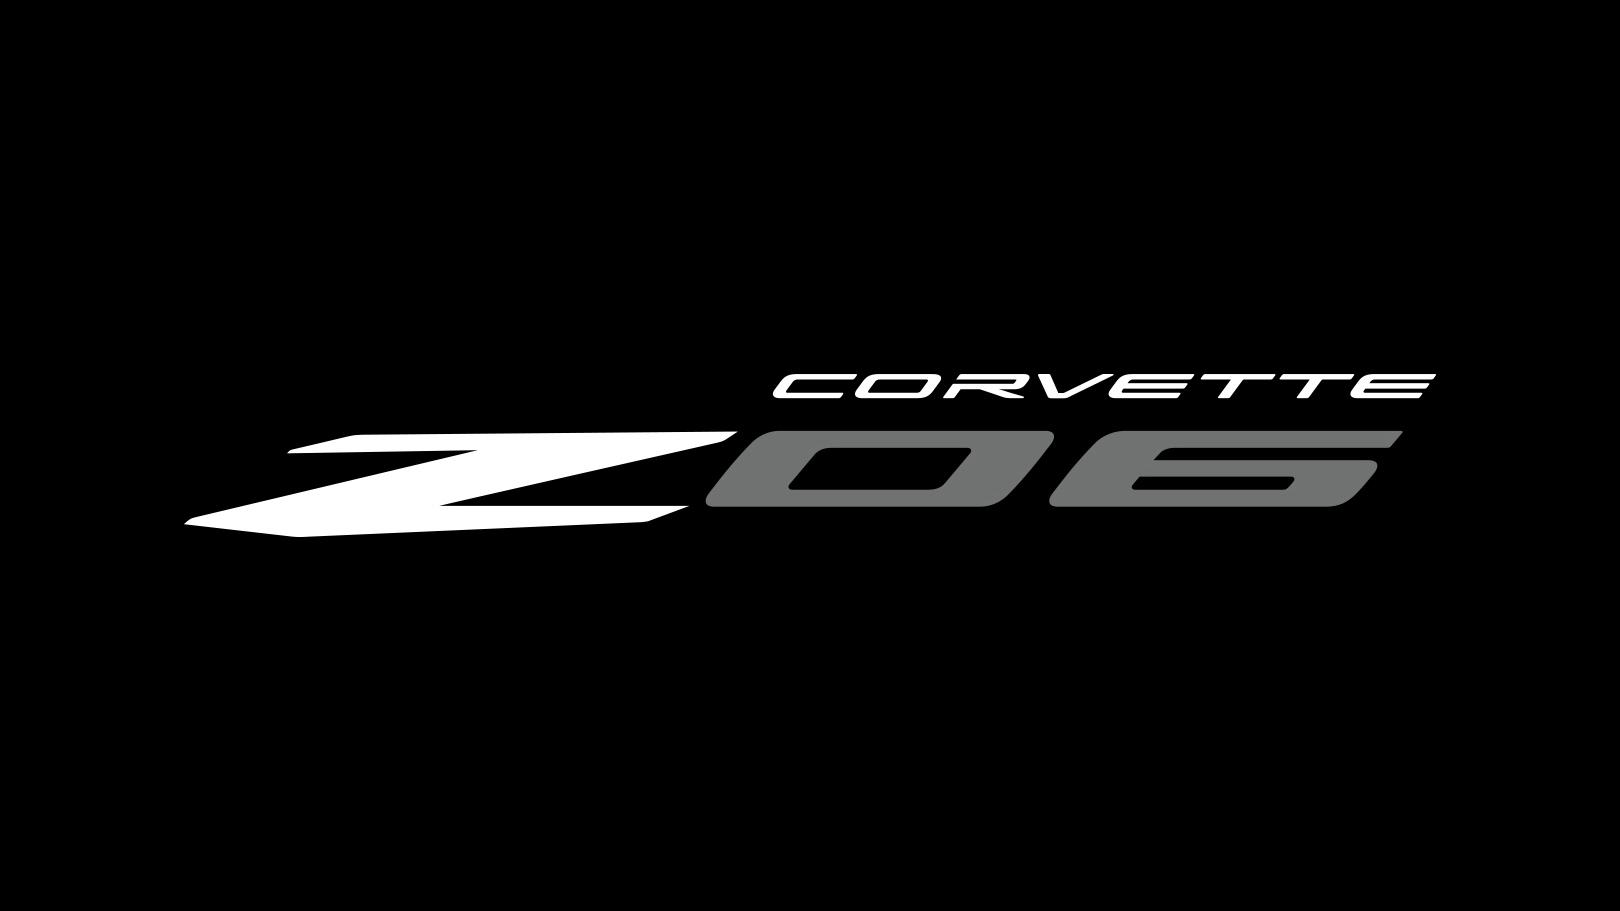 2023 Chevrolet Corvette Z06 teaser